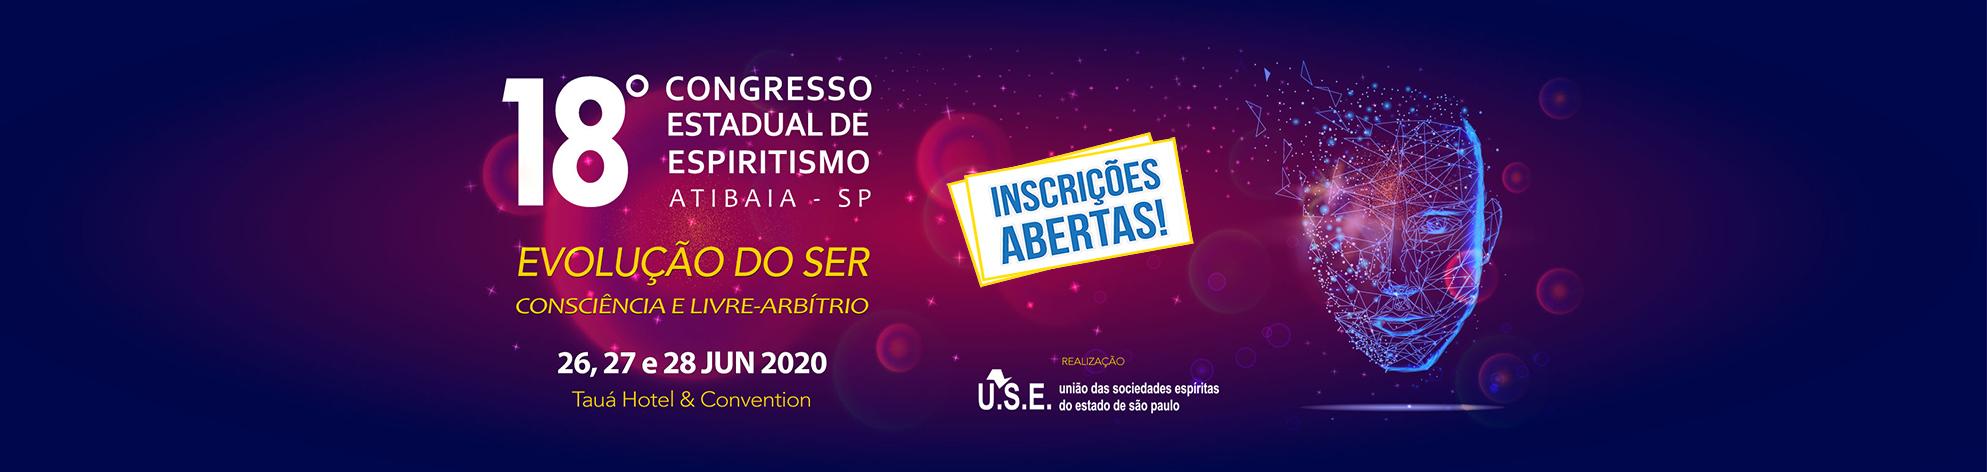 18º Congresso Estadual de Espiritismo - Atibaia - SP